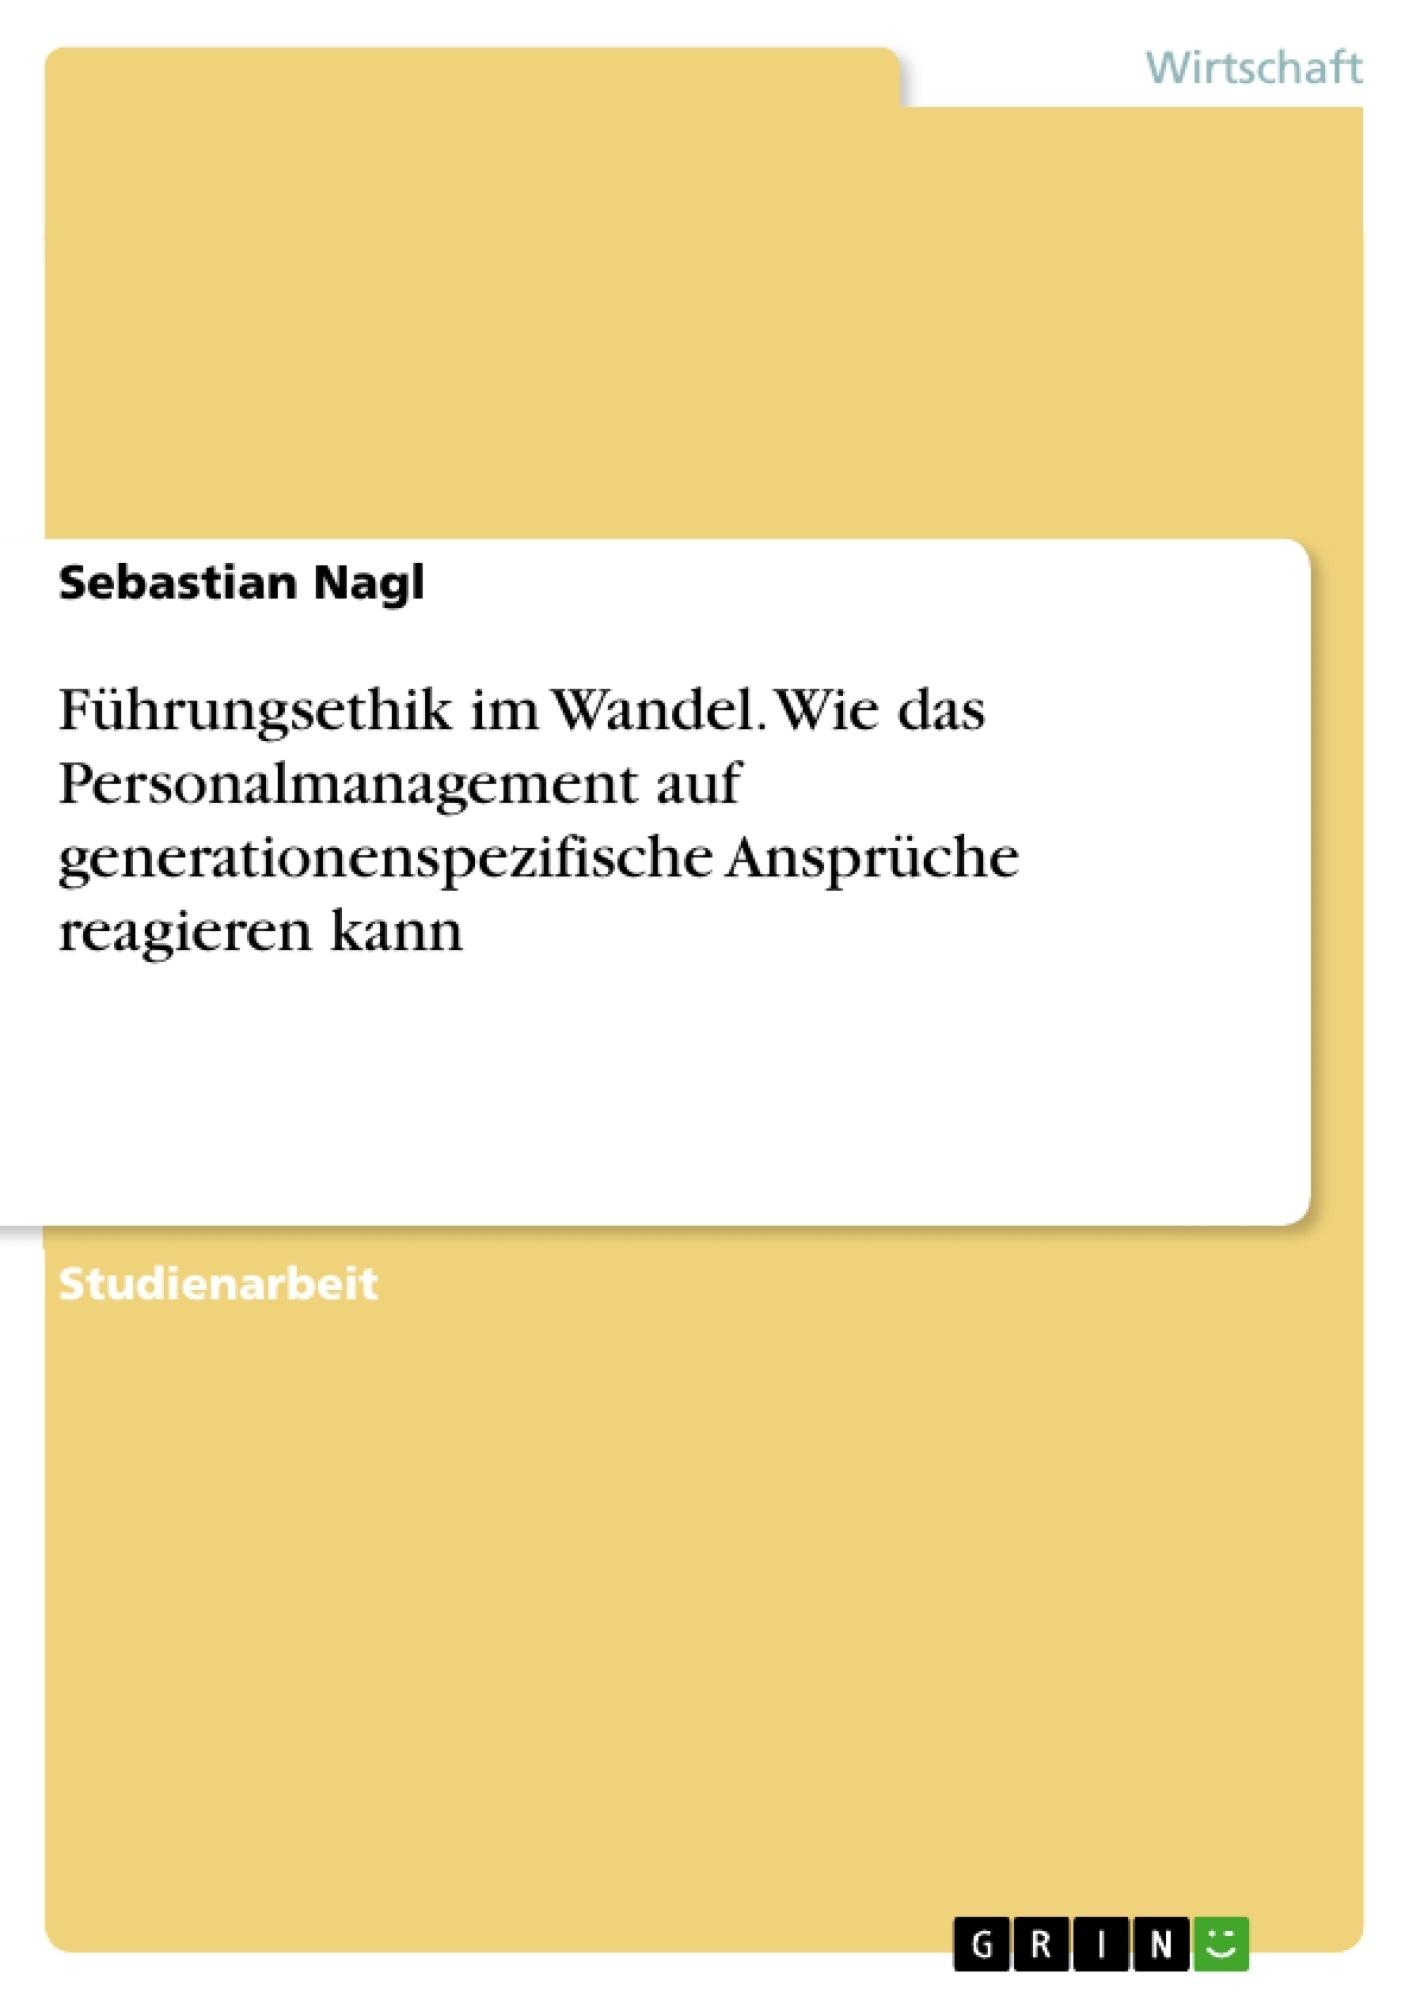 Titel: Führungsethik im Wandel. Wie das Personalmanagement auf generationenspezifische Ansprüche reagieren kann